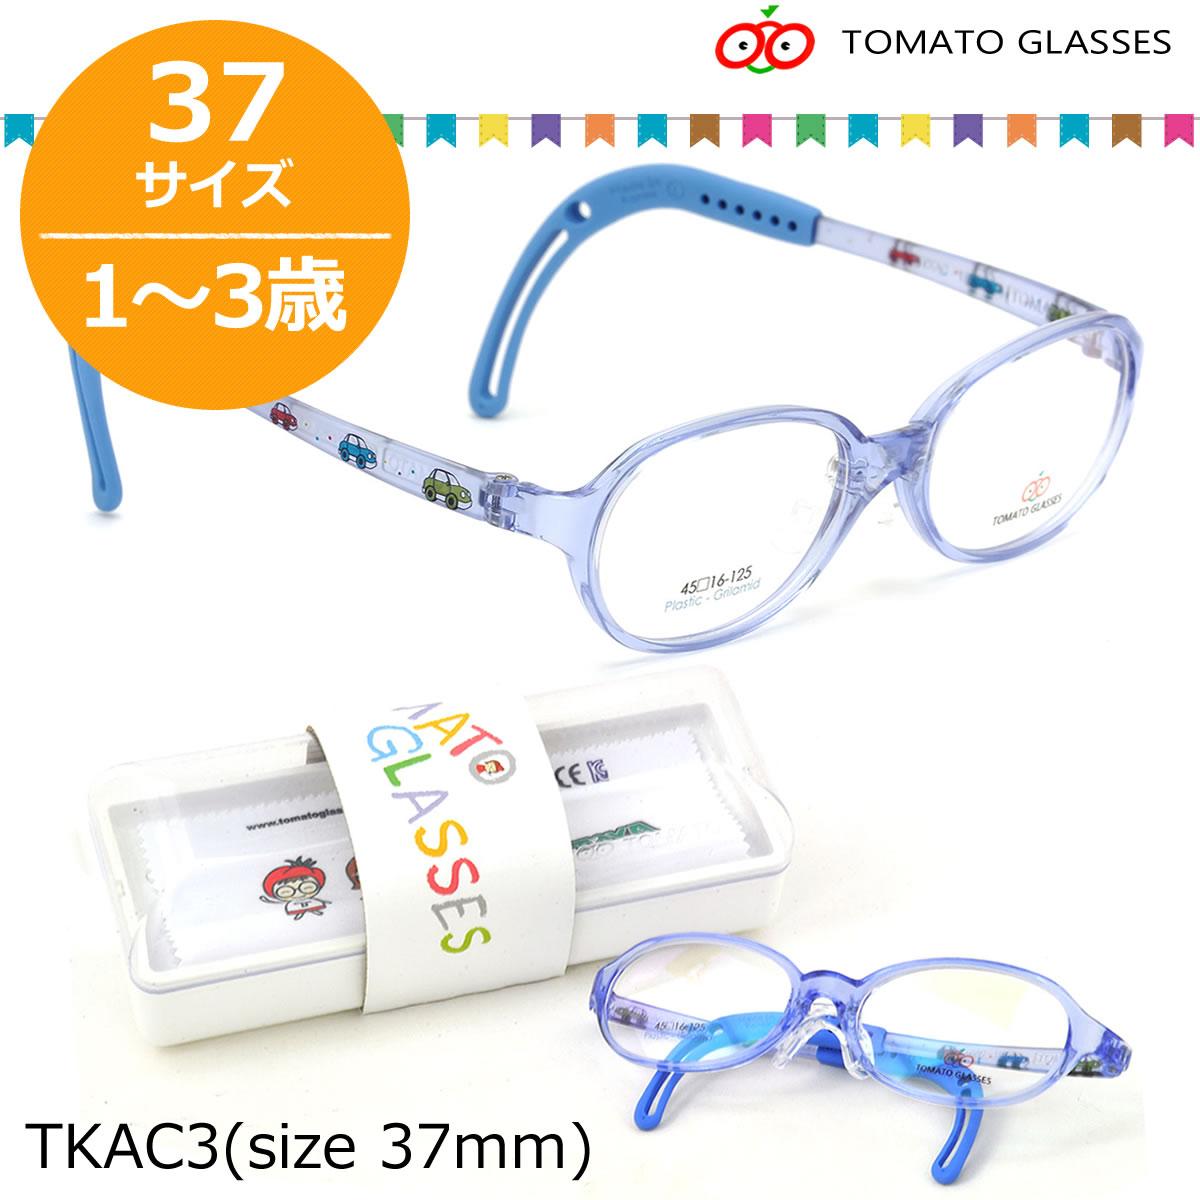 TOMATO GLASSES トマトグラッシーズ キッズ用メガネ メガネ フレーム TKAC 3 37サイズ オシャレ おしゃれ おすすめ 可愛い 安全 安心 キッズA 軽量 柔らかい 1歳~3歳 トマトグラッシーズ TOMATO GLASSES 子供用 キッズ用